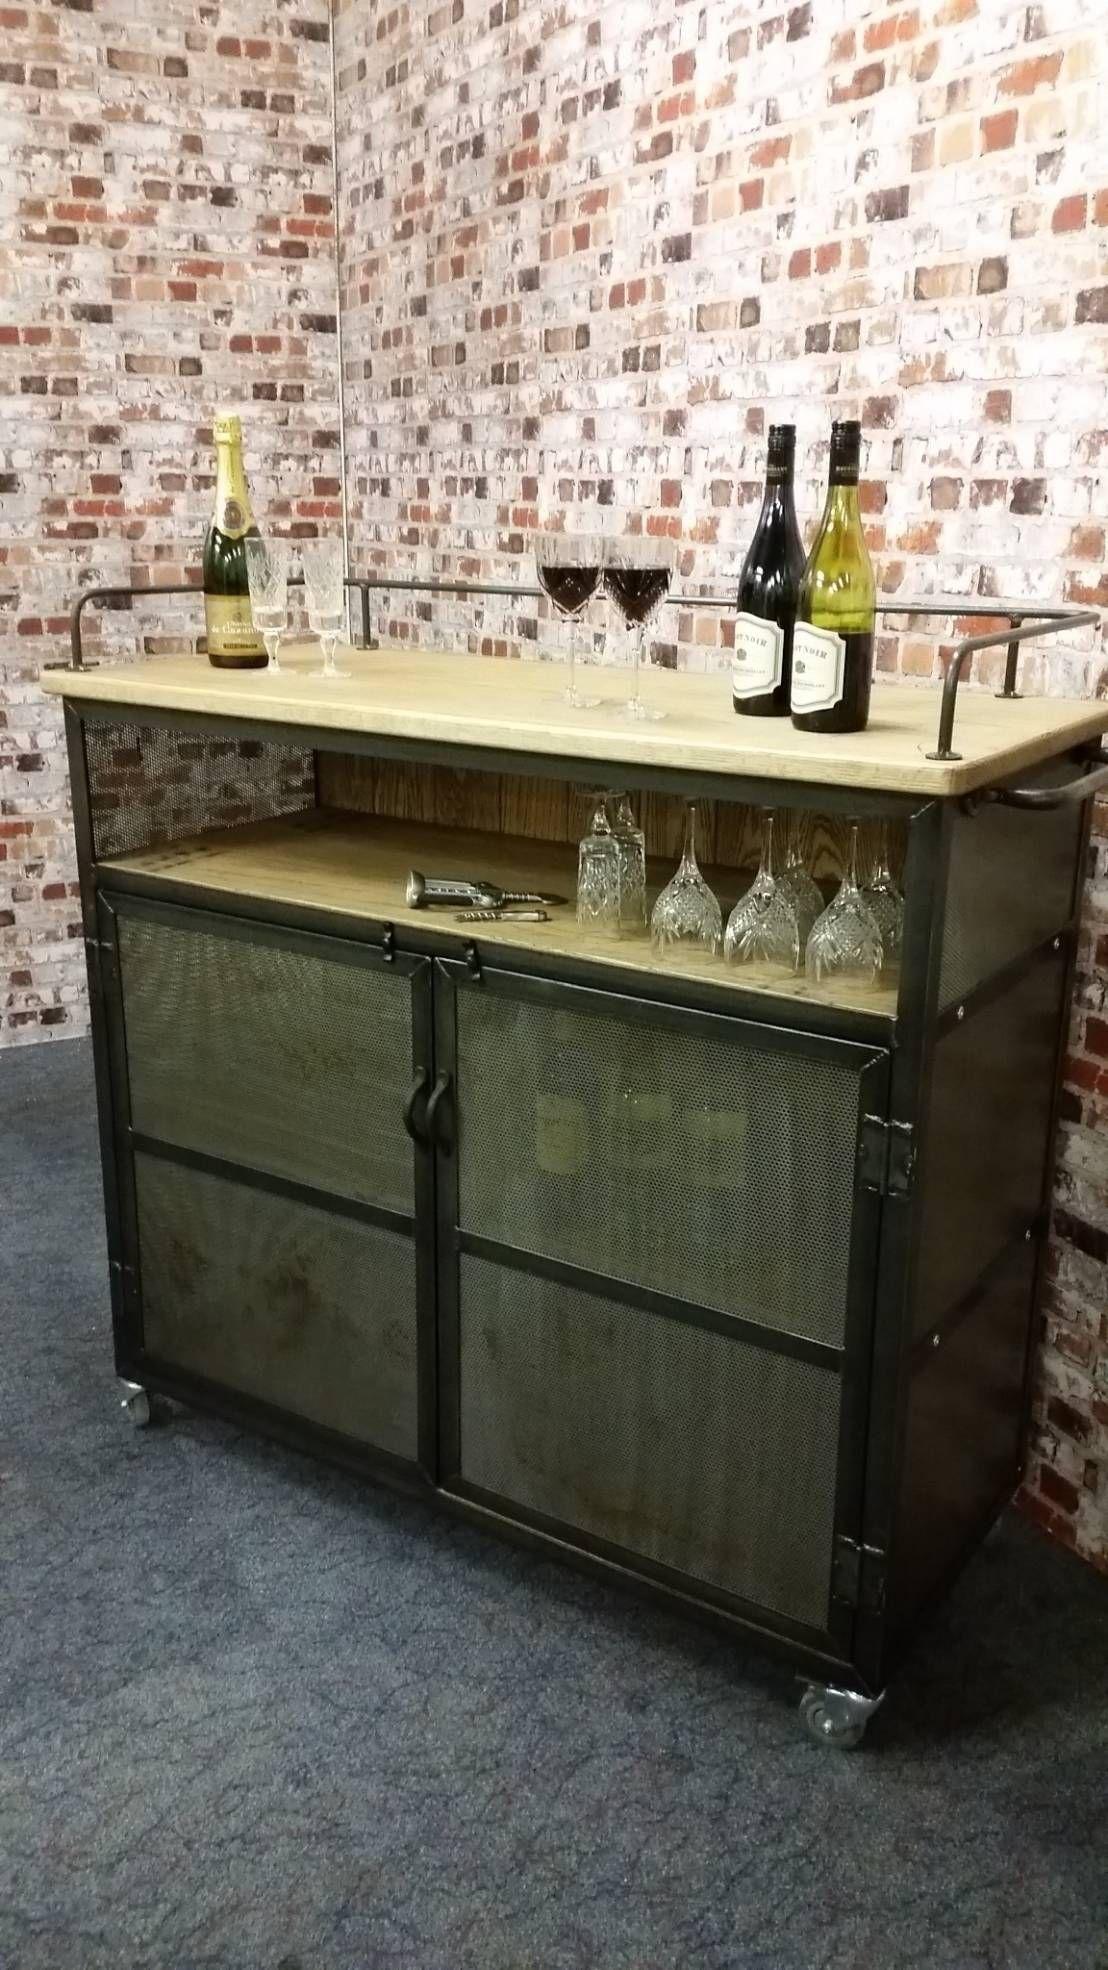 Un peque o placer en casa 10 muebles bar de inspiraci n for Muebles para bar en casa